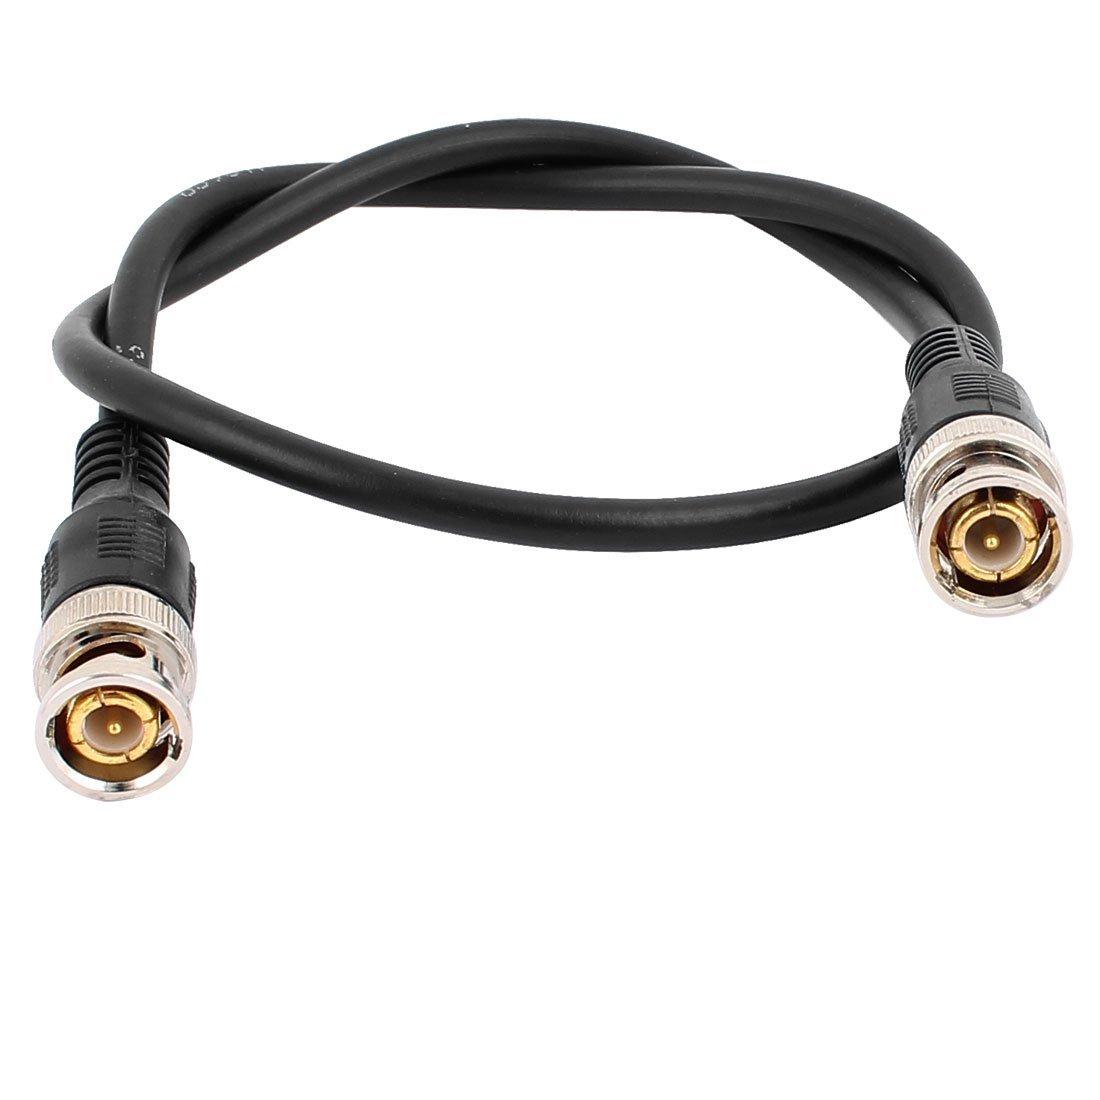 Amazon.com: DealMux 2pcs BNC macho para macho Conector Coaxial RF AV Audio Video Jumper Cable 0,5M Comprimento: Electronics